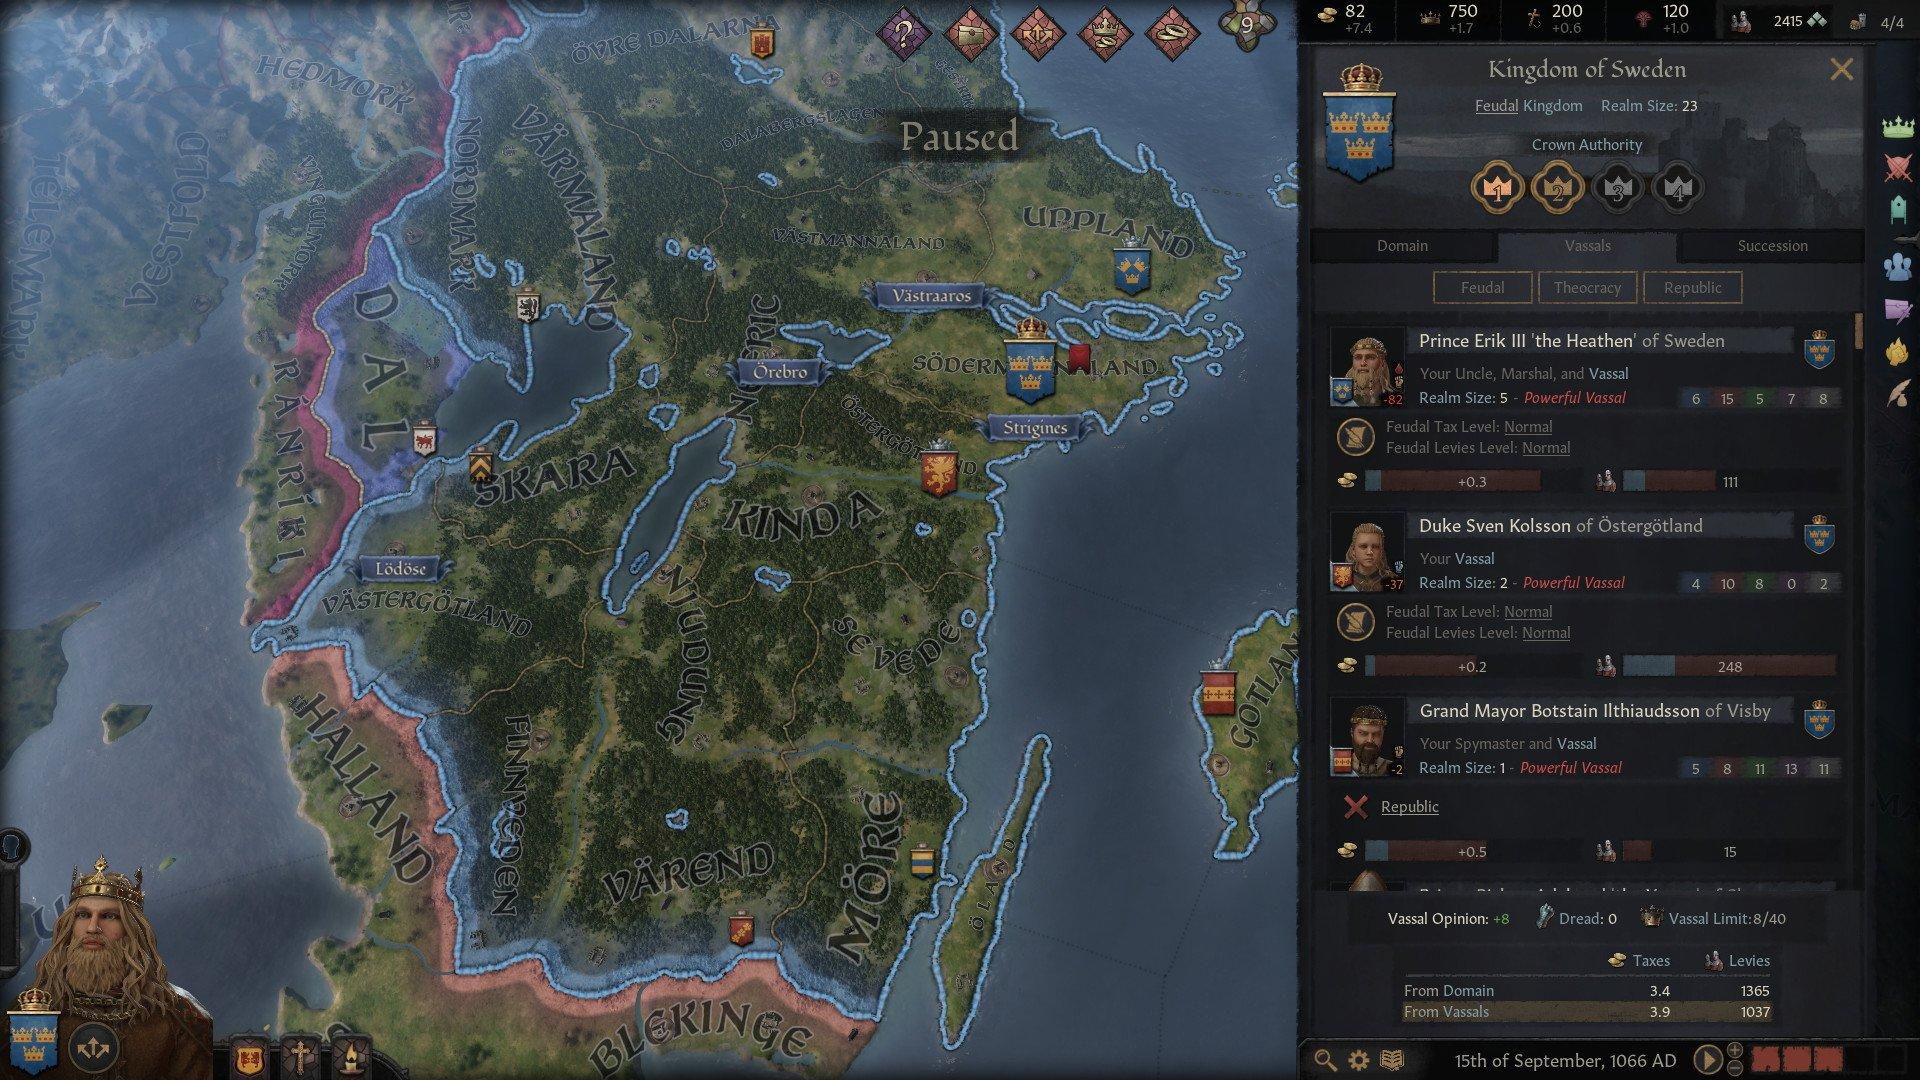 Скриншот к игре Crusader Kings III [v. 1.2.2] (2020) скачать торрент RePack от R.G. Механики